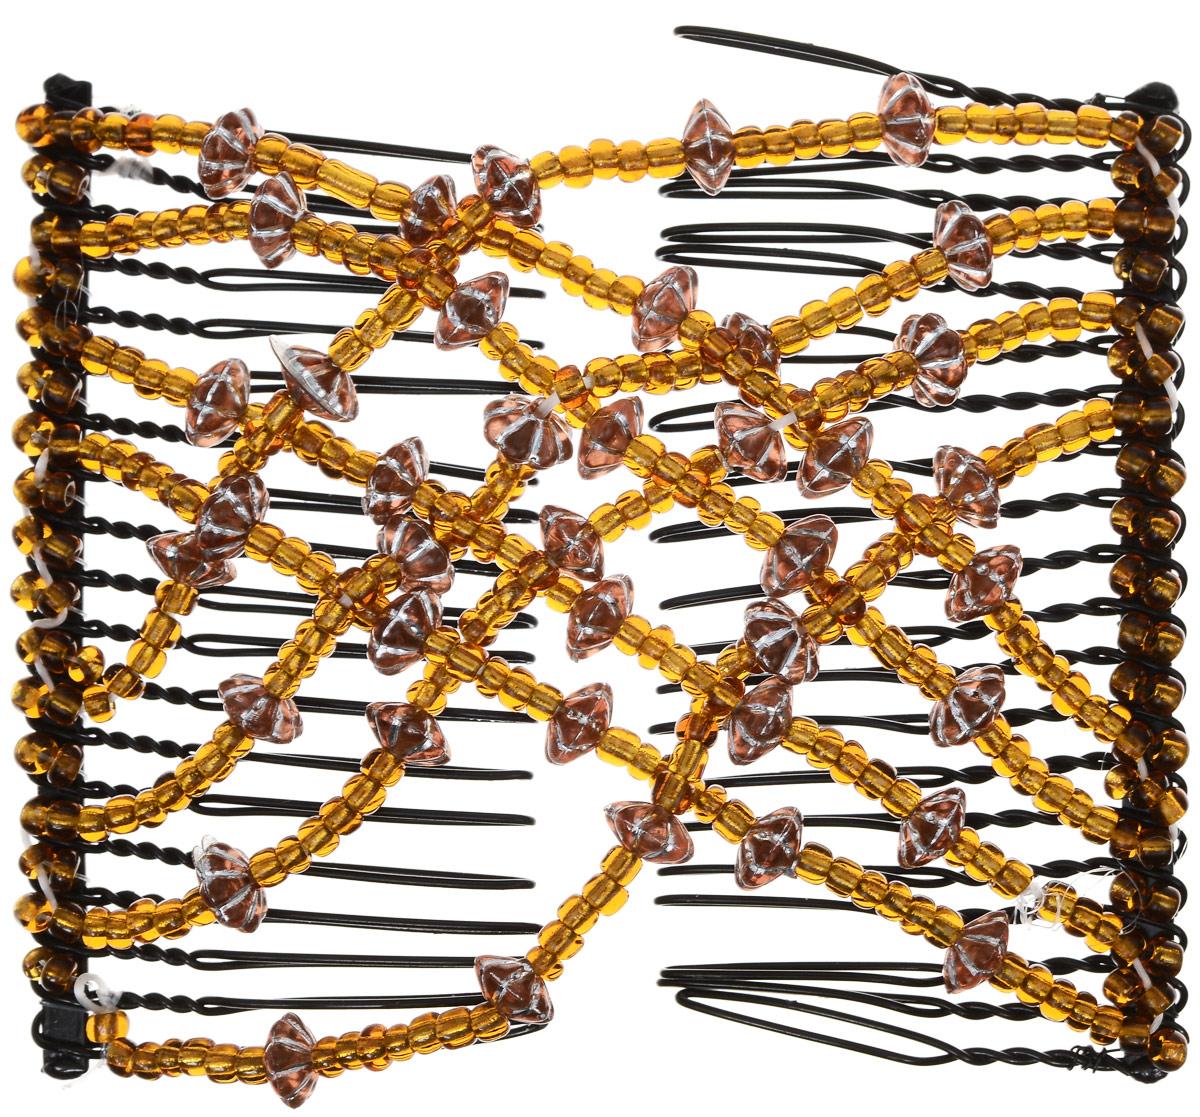 EZ-Combs Заколка Изи-Комбс, одинарная, цвет: коричневый. ЗИО_цветок с серебромЗИО_коричневый, цветок с серебромУдобная и практичная EZ-Combs подходит для любого типа волос: тонких, жестких, вьющихся или прямых, и не наносит им никакого вреда. Заколка не мешает движениям головы и не создает дискомфорта, когда вы отдыхаете или управляете автомобилем. Каждый гребень имеет по 20 зубьев для надежной фиксации заколки на волосах! И даже во время бега и интенсивных тренировок в спортзале EZ-Combs не падает; она прочно фиксирует прическу, сохраняя укладку в первозданном виде.Небольшая и легкая заколка для волос EZ-Combs поместится в любой дамской сумочке, позволяя быстро и без особых усилий создавать неповторимые прически там, где вам это удобно. Гребень прекрасно сочетается с любой одеждой: будь это классический или спортивный стиль, завершая гармоничный облик современной леди. И неважно, какой образ жизни вы ведете, если у вас есть EZ-Combs, вы всегда будете выглядеть потрясающе.